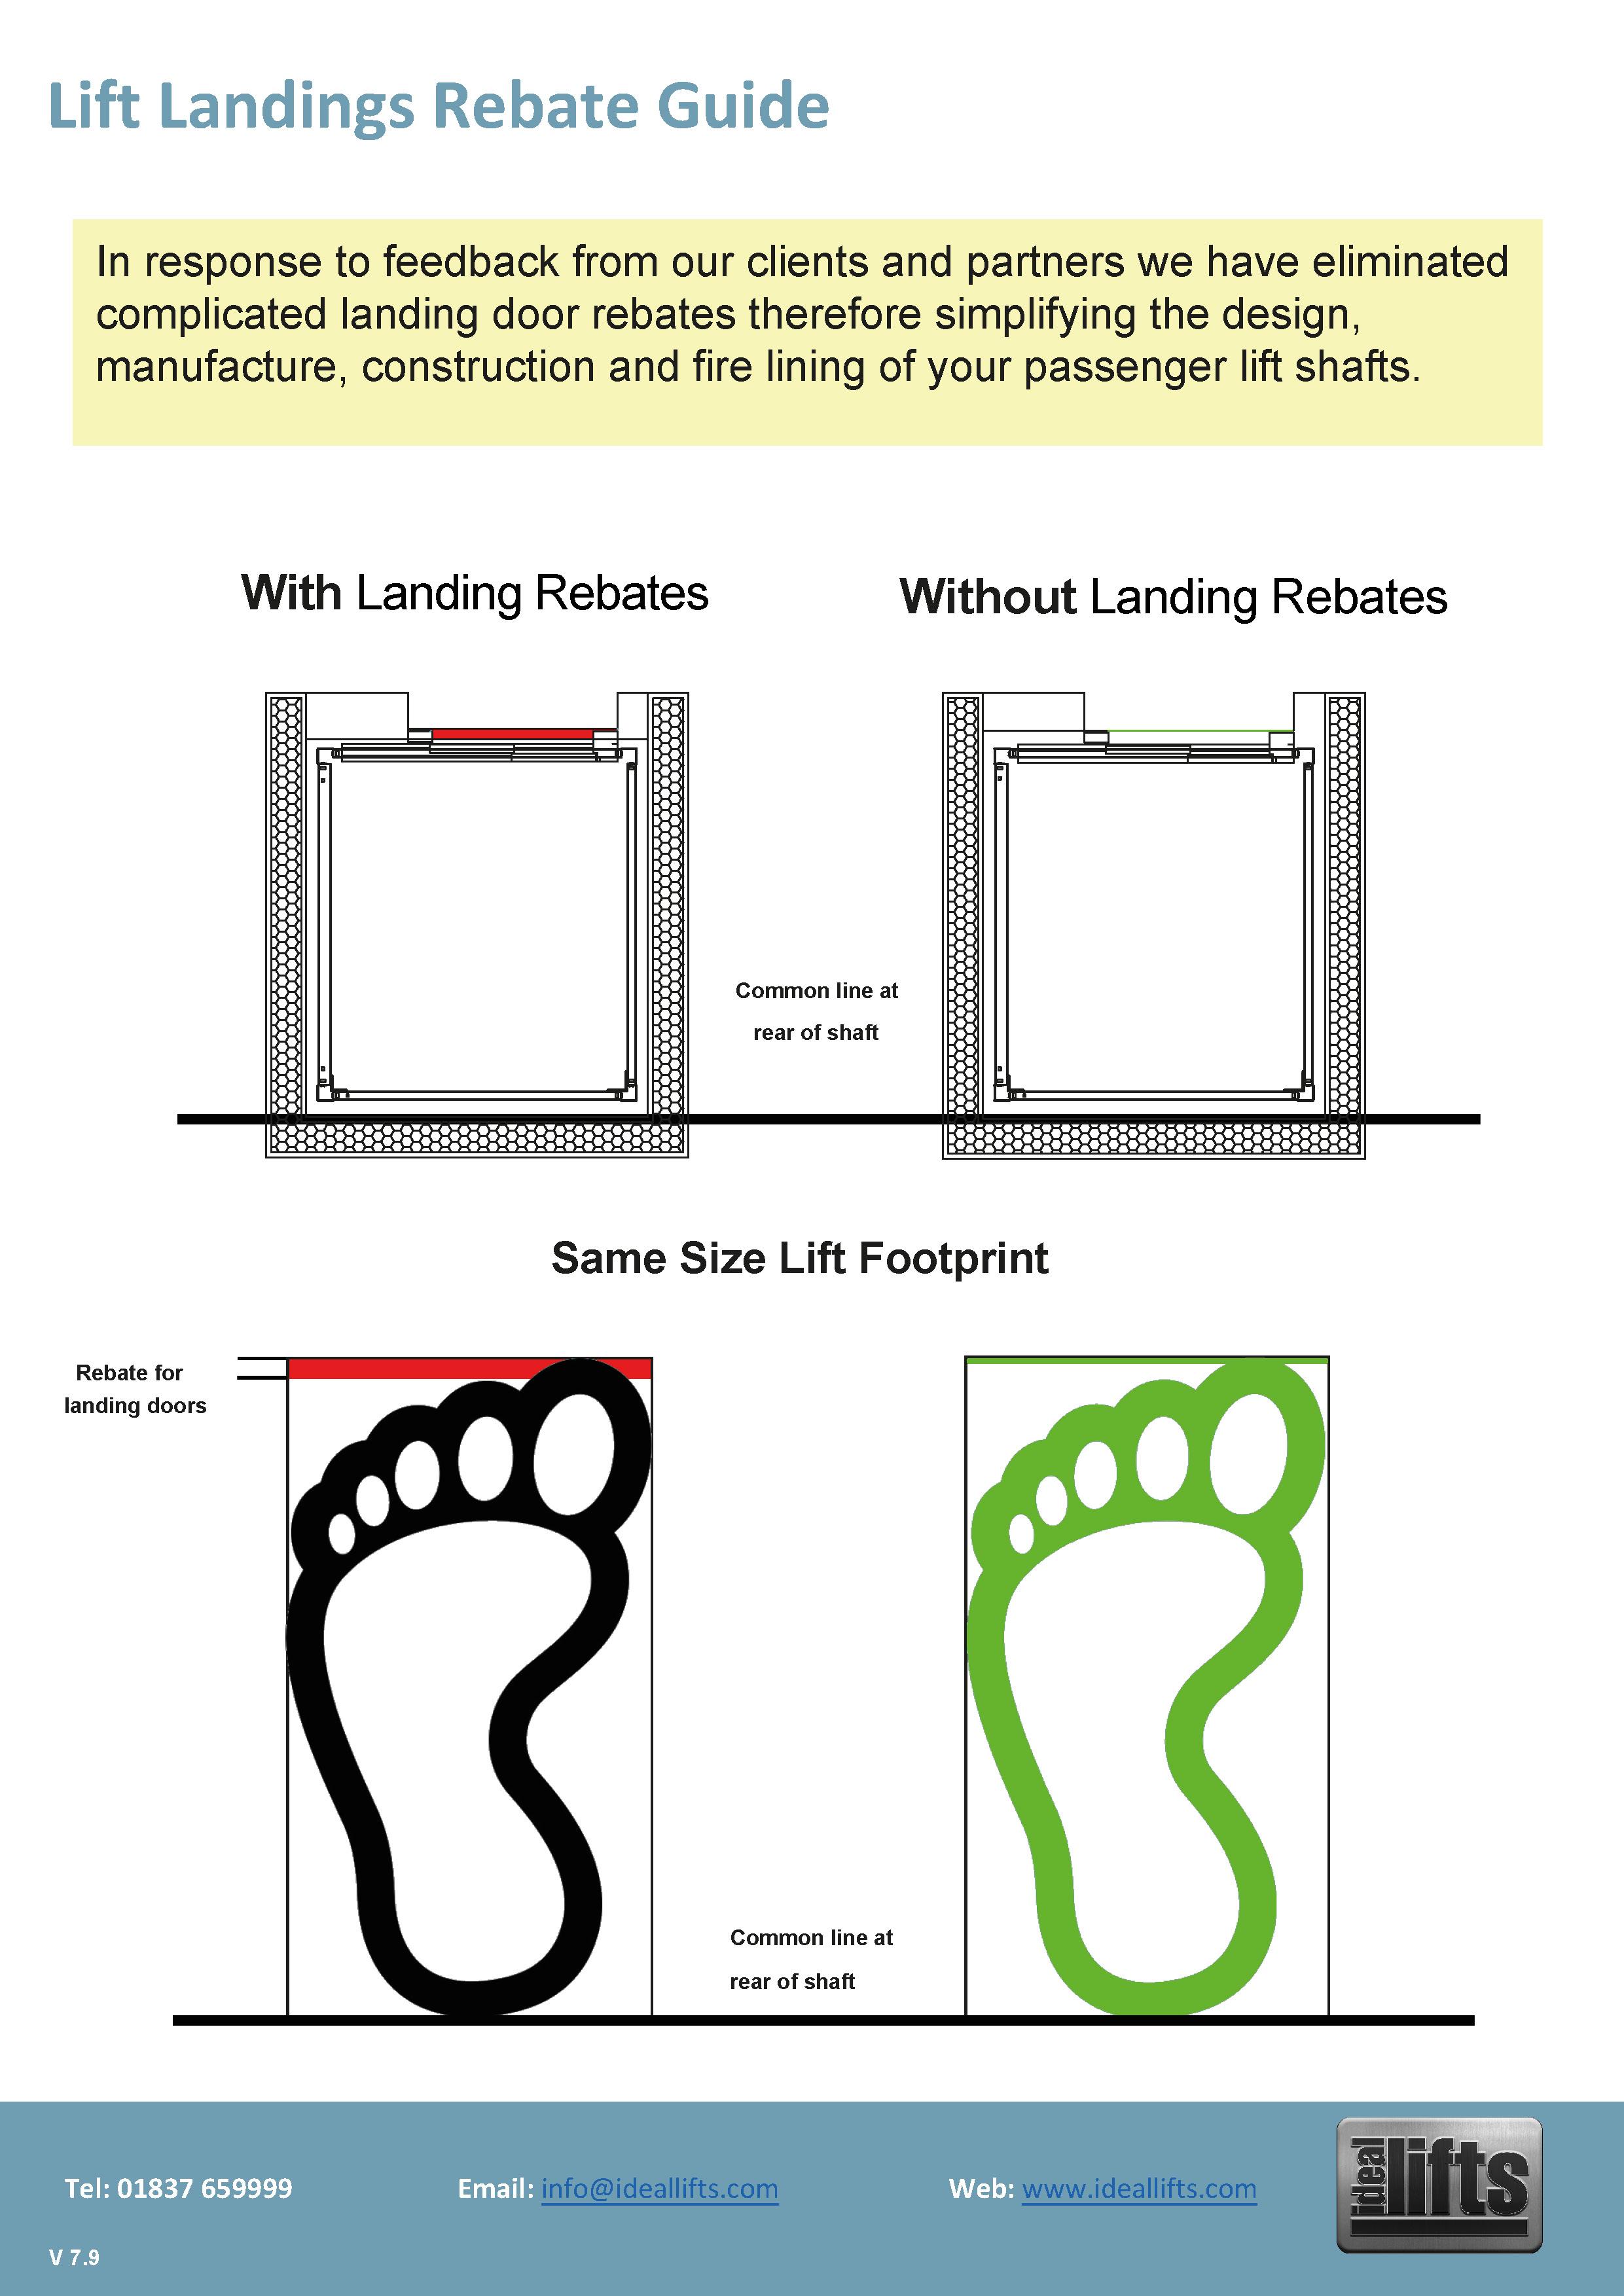 Lift Landings Rebate Guide V7.9, passenger lifts,